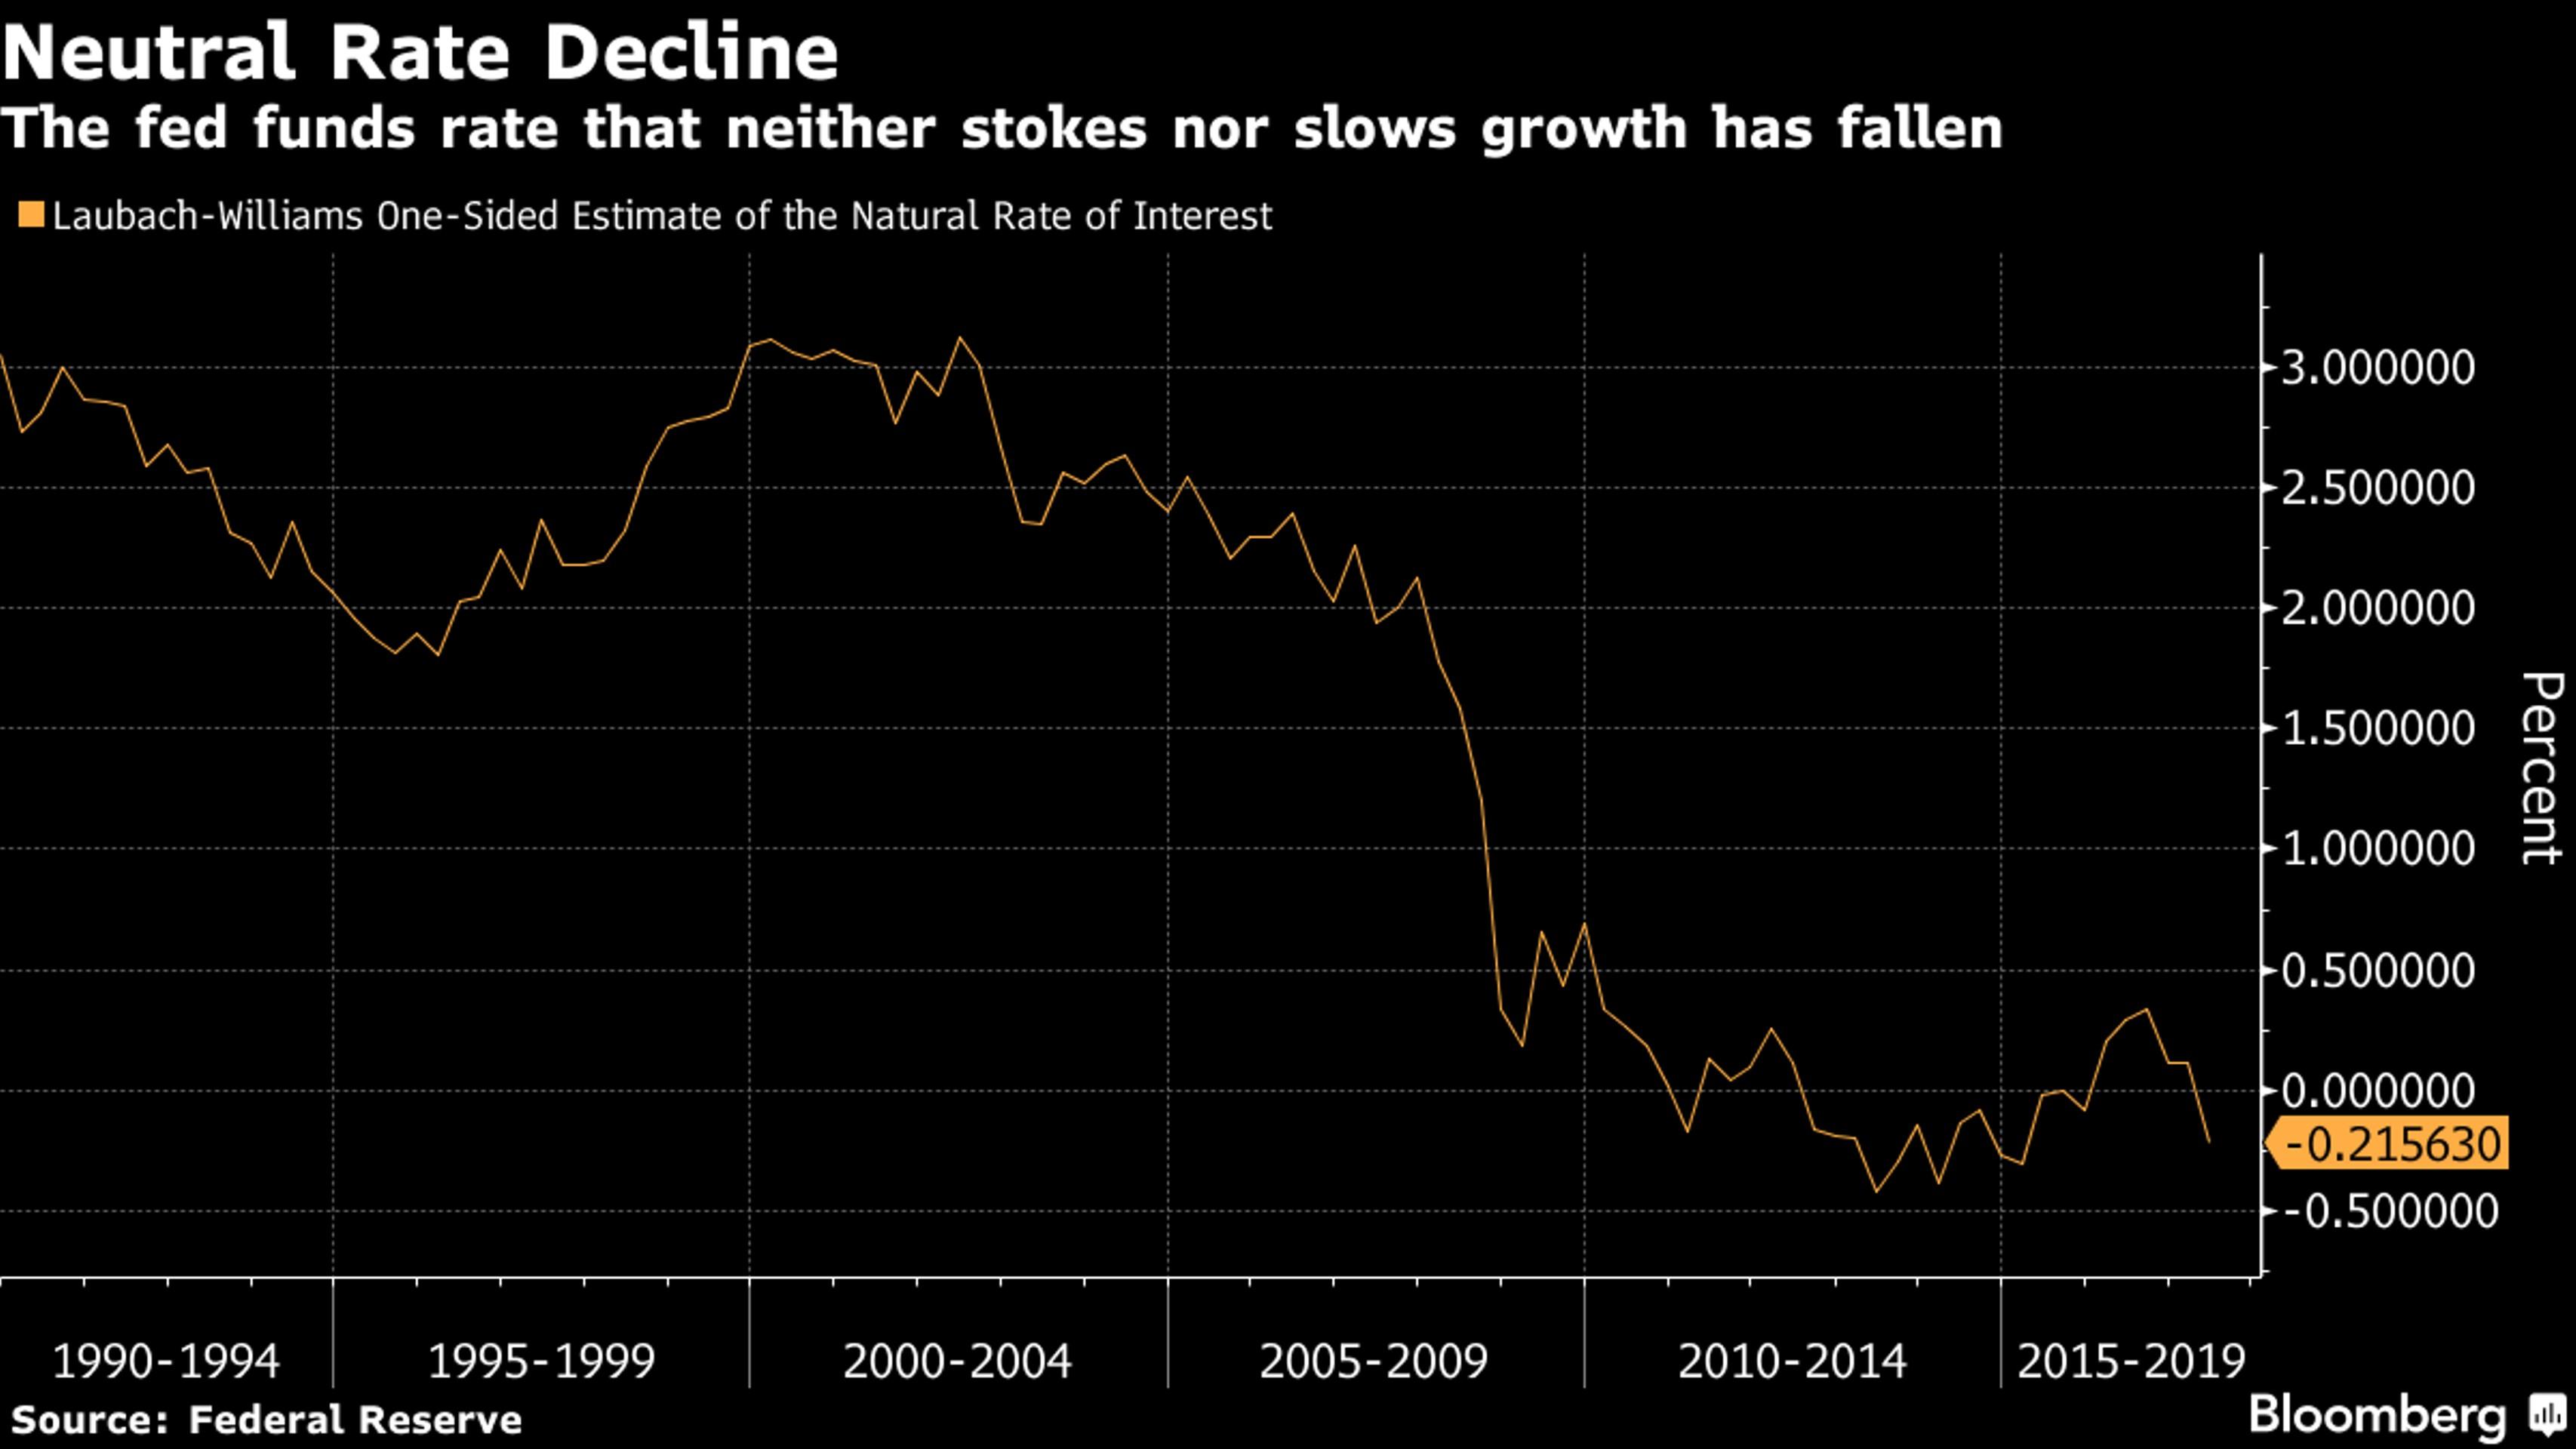 ФРС готовится к радикальному изменению политики?